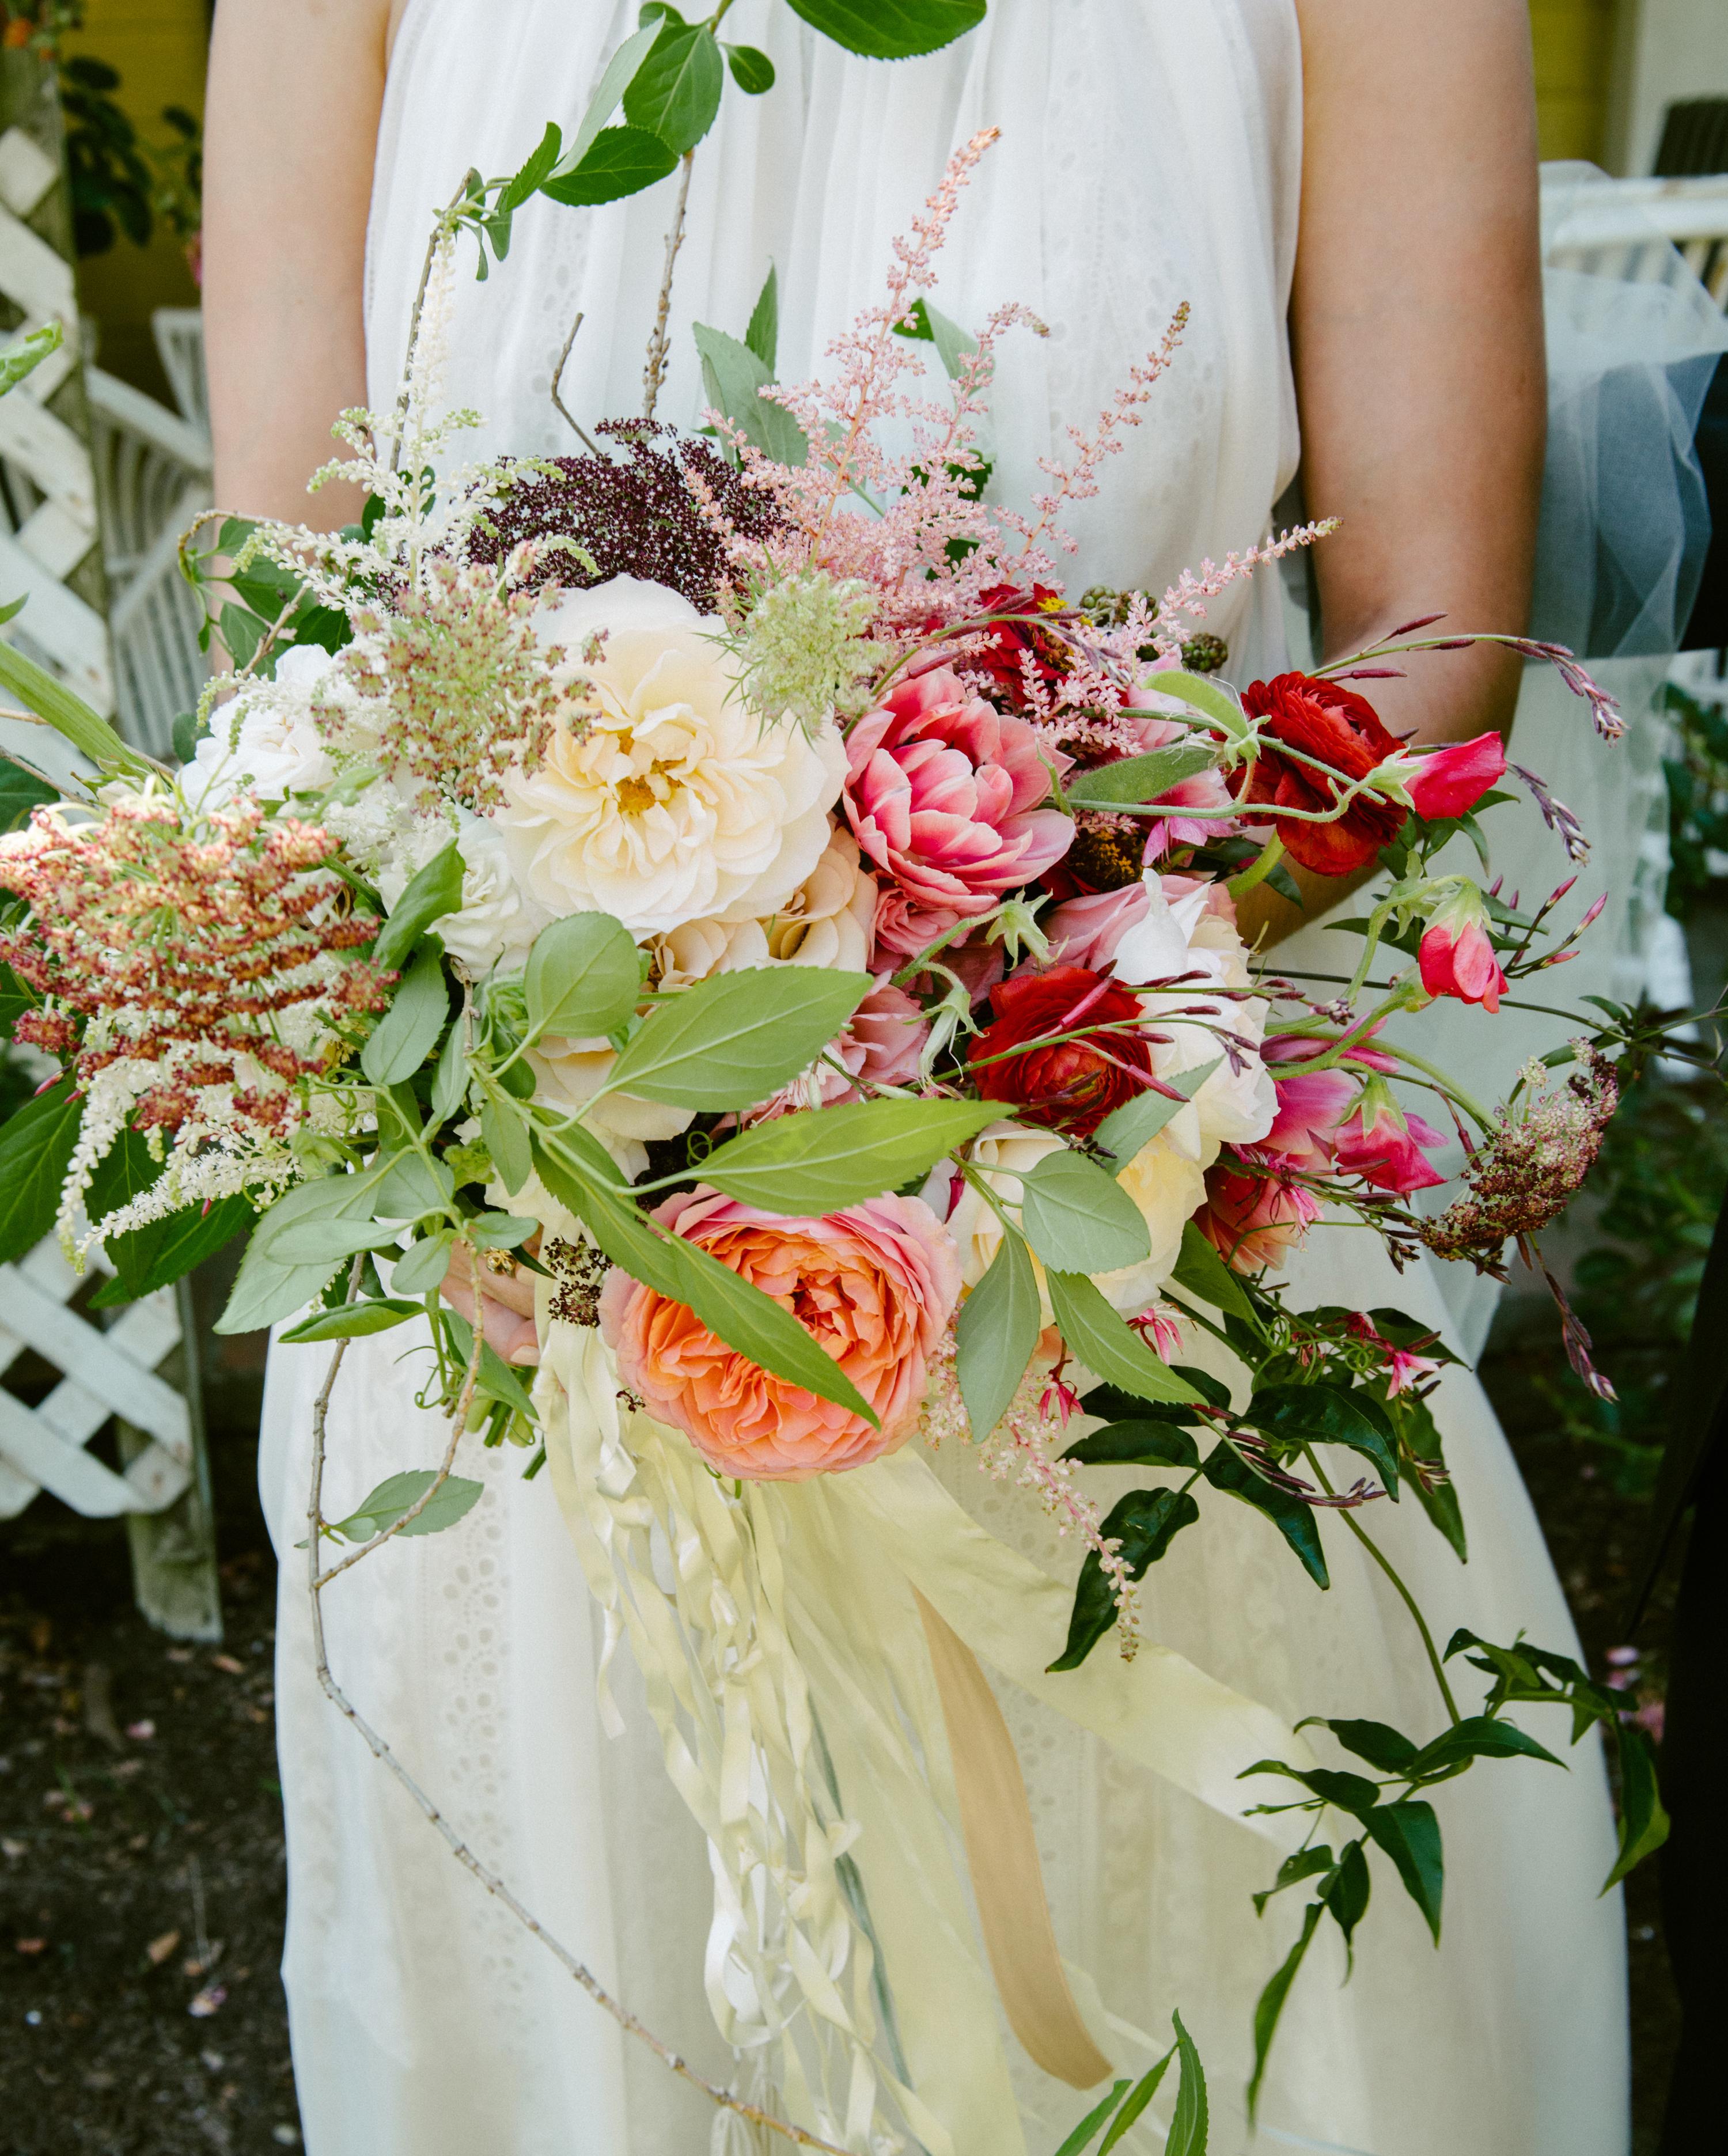 rachel-andrew-wedding-bouquet-038-s112195-0915.jpg